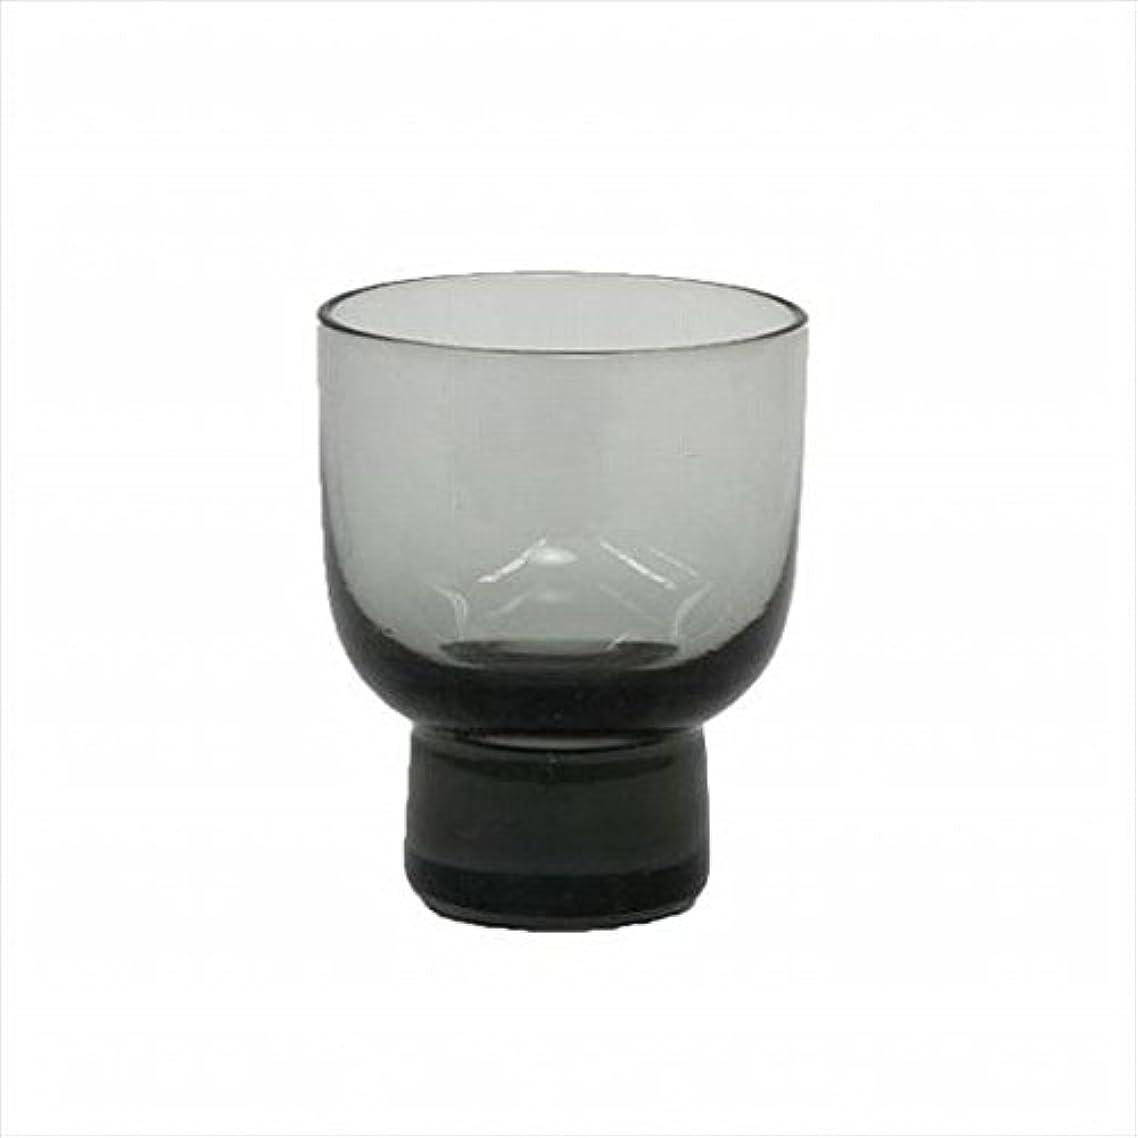 一貫した指標後退するkameyama candle(カメヤマキャンドル) ロキカップ 「 スモーク 」 キャンドル 58x58x70mm (I8236100SM)